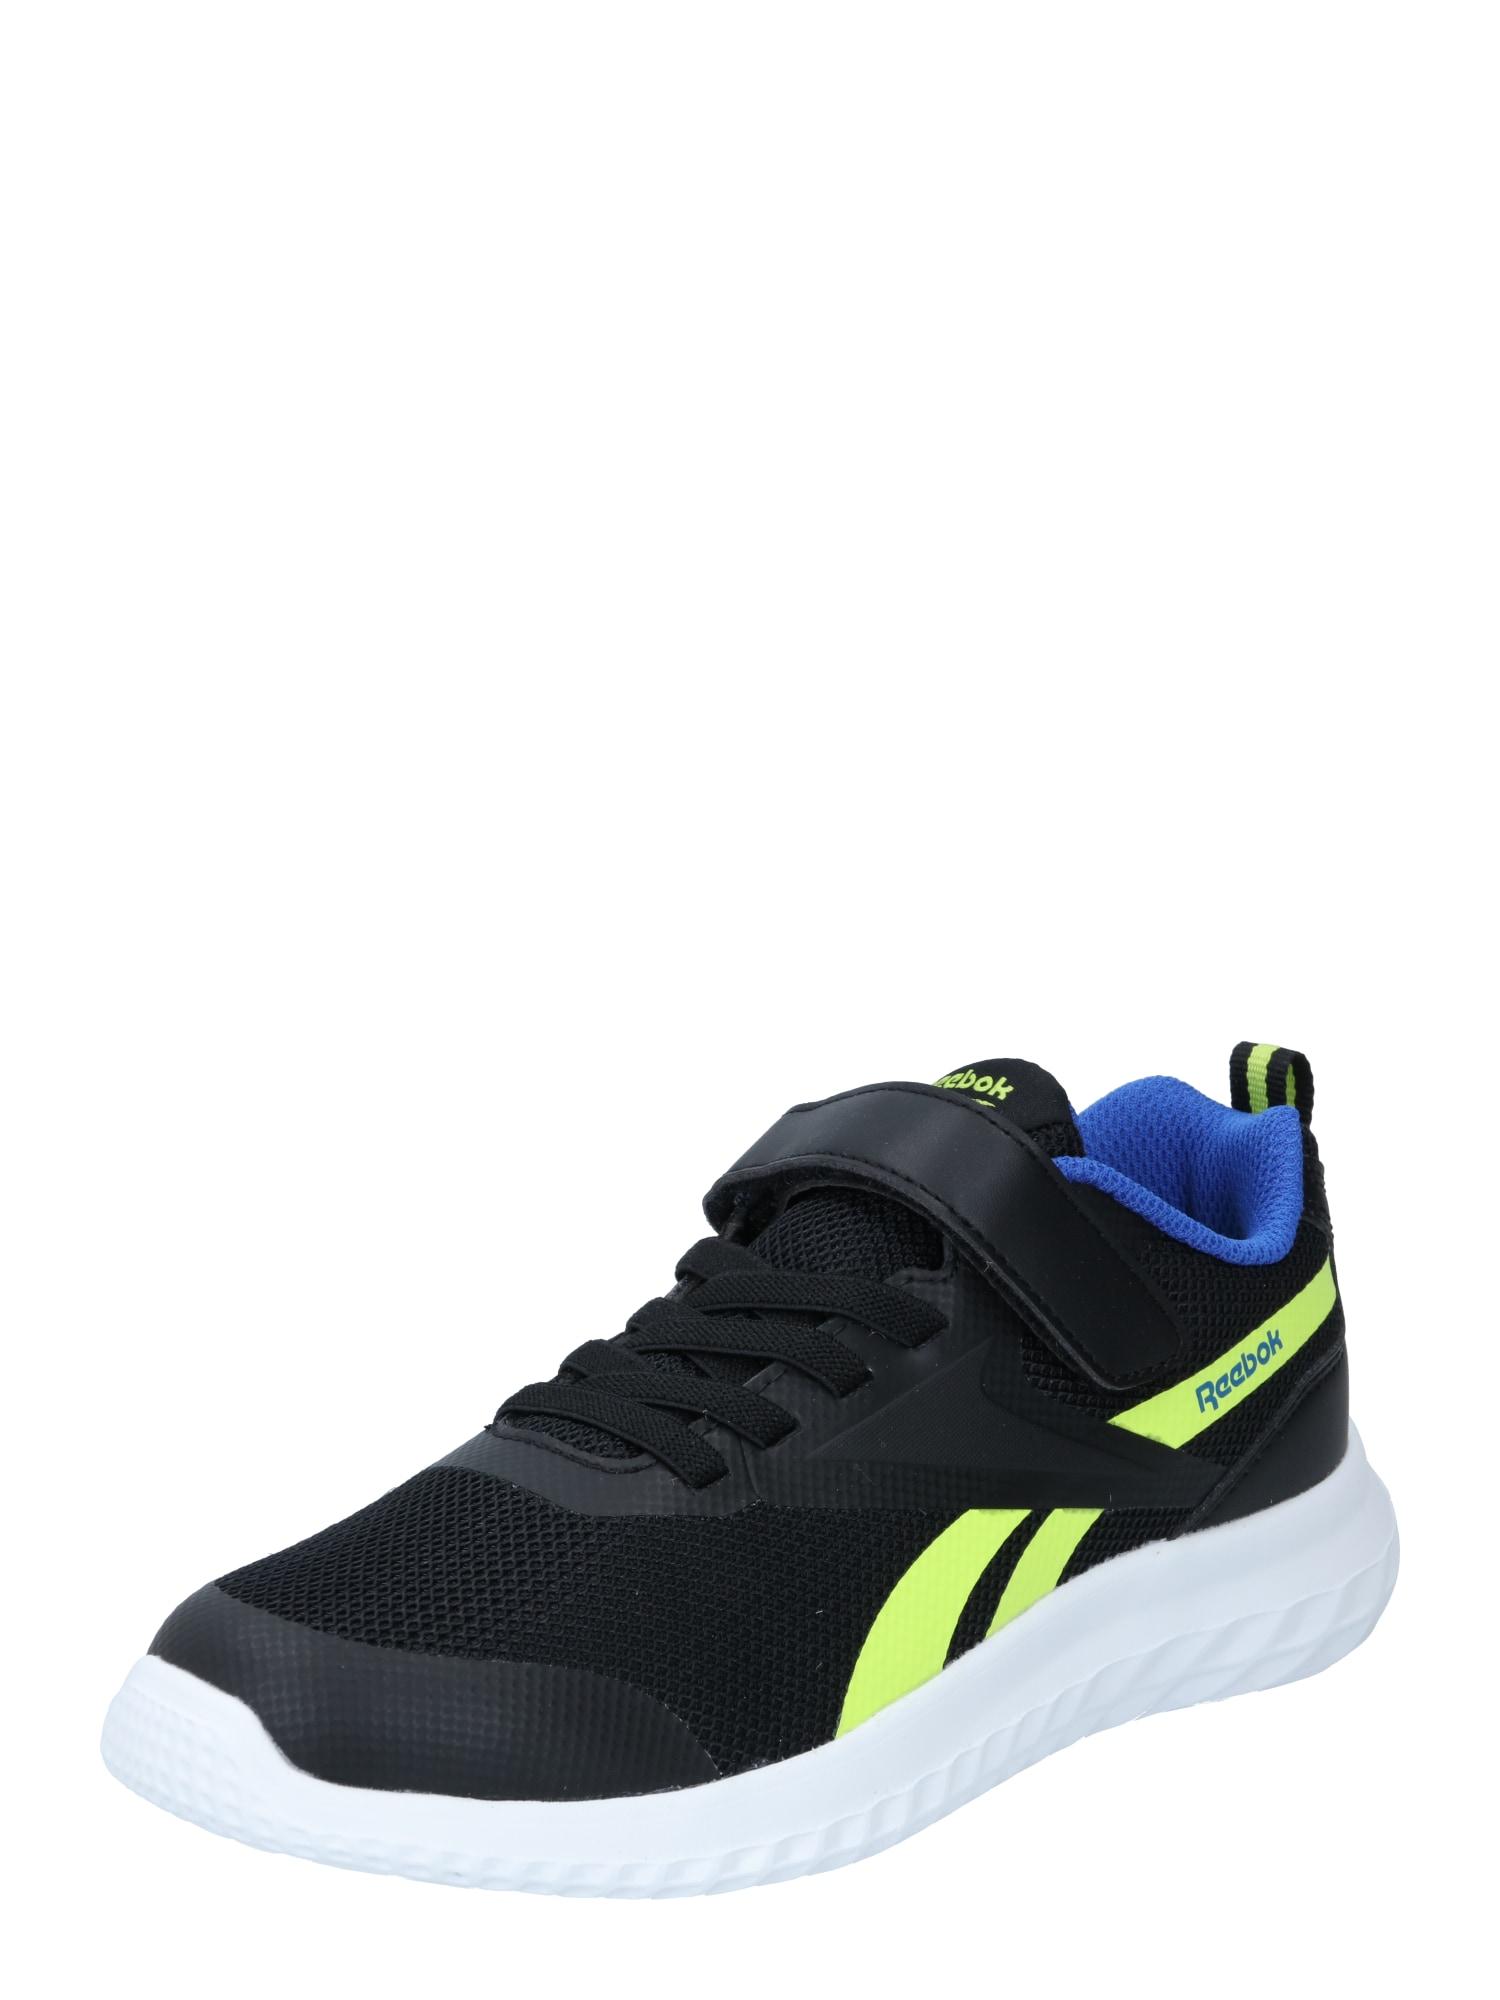 REEBOK Sportiniai batai 'Rush Runner' juoda / neoninė geltona